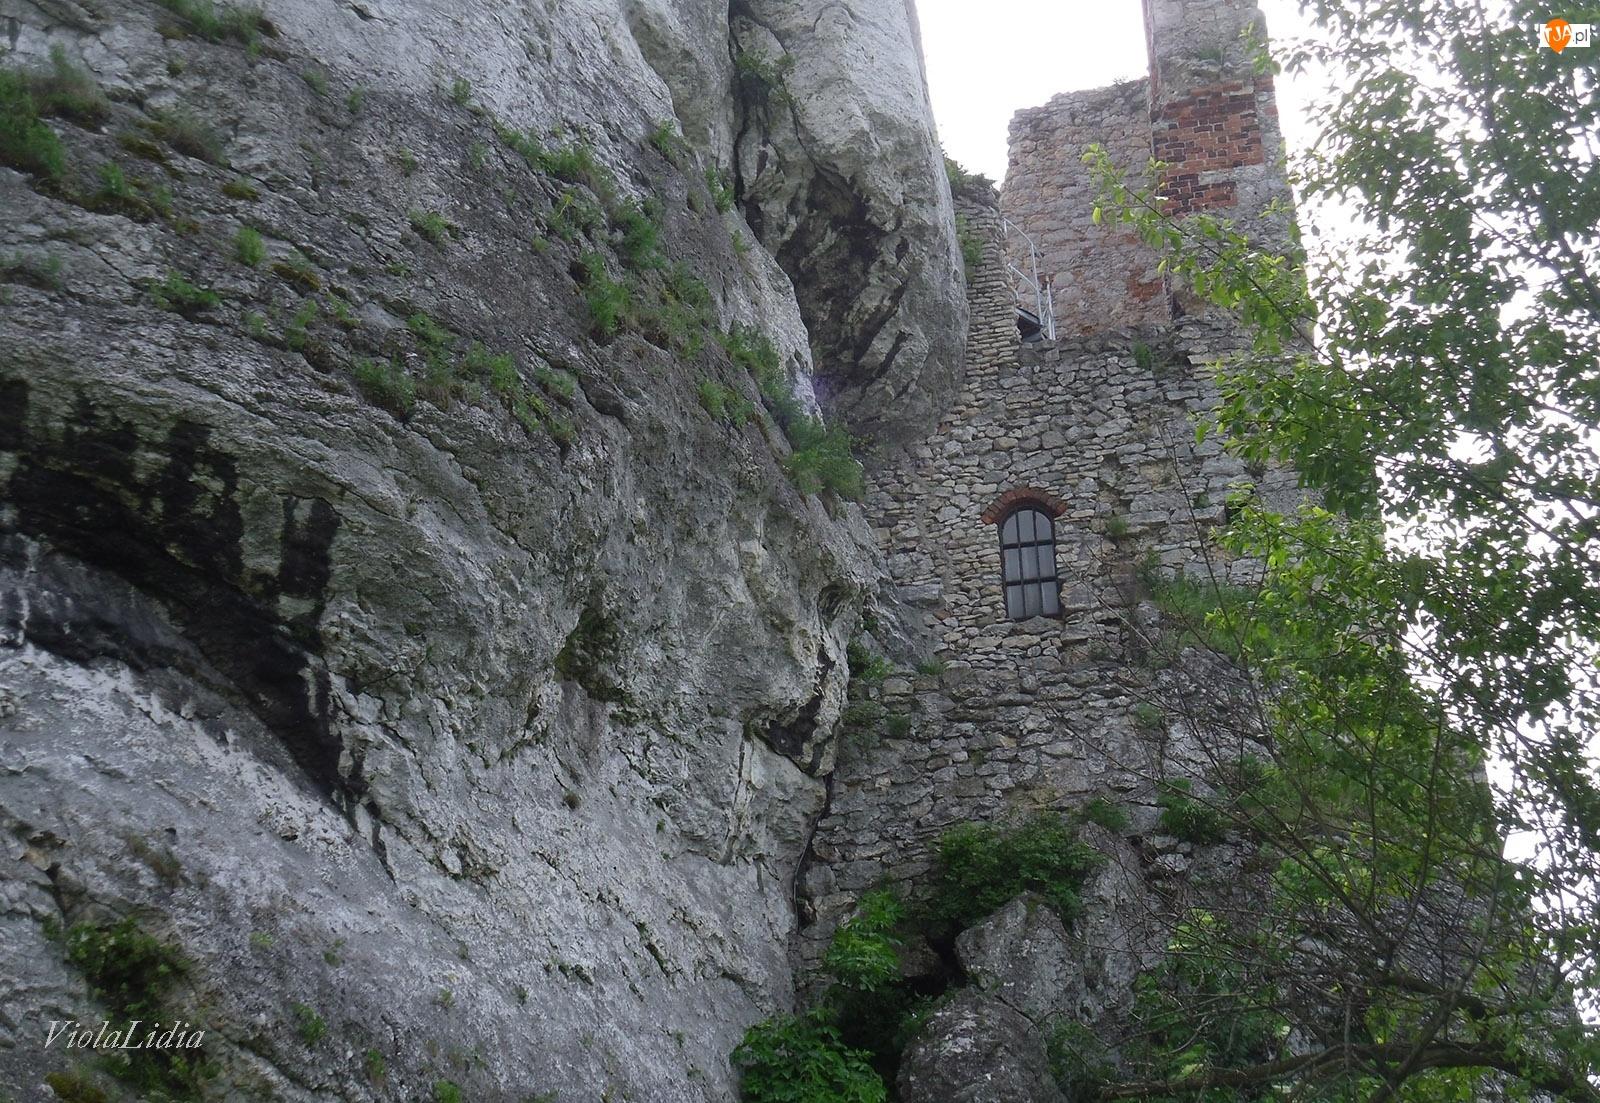 Ruiny, Zamek Ogrodzieniec, Śląskie, Wieś Podzamcze, Polska